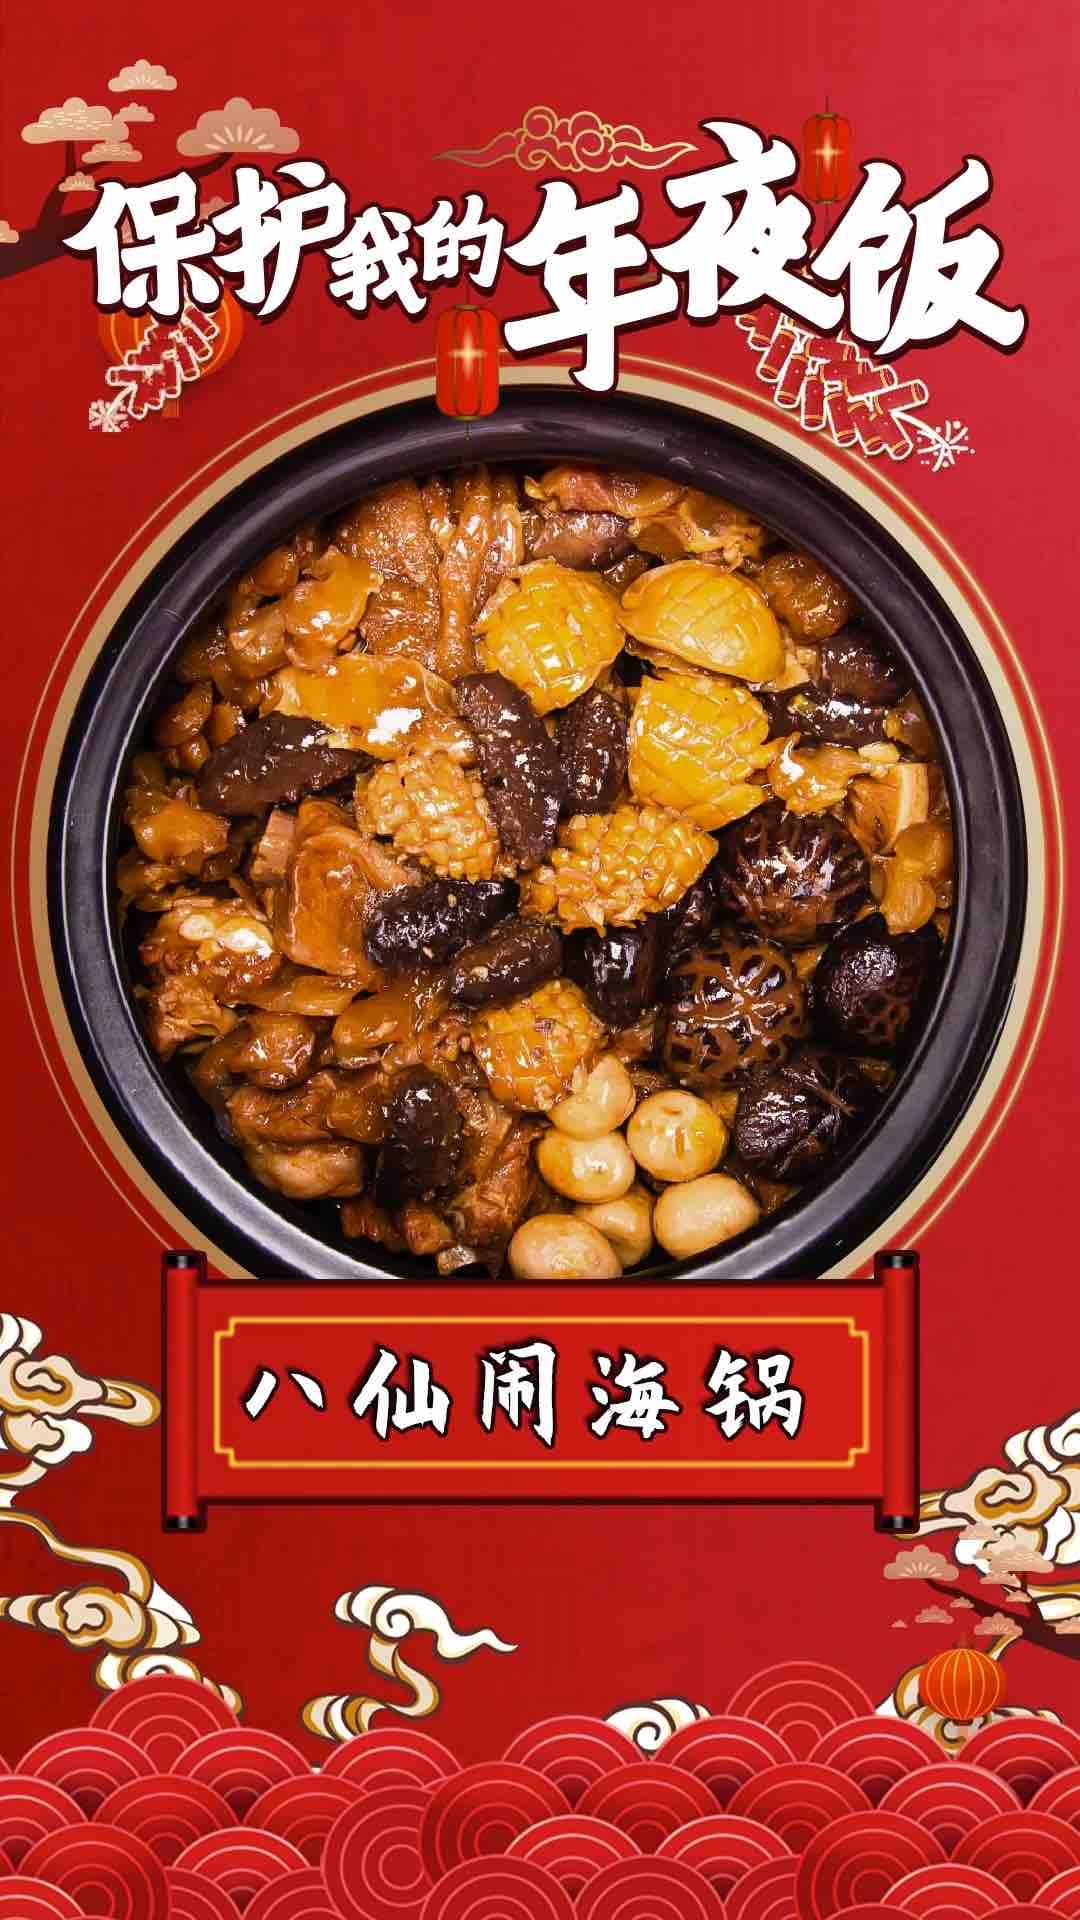 八仙闹海锅,奢华富贵的年夜饭